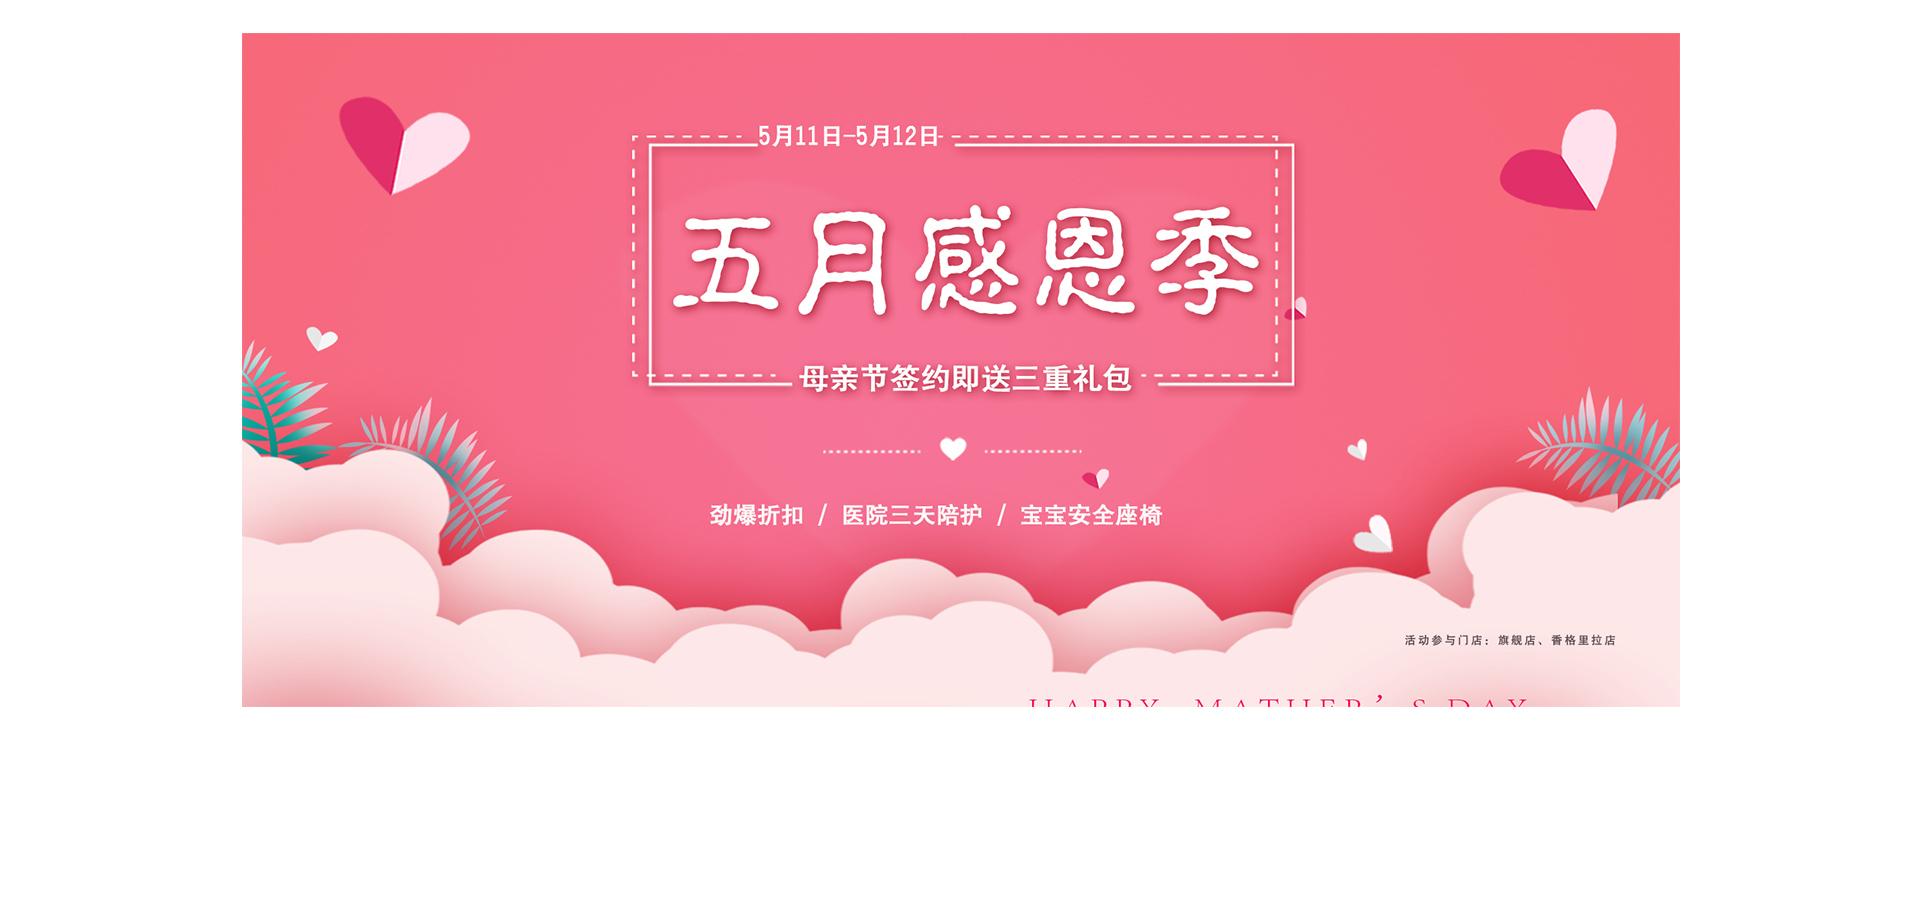 520告白日 | betwayloginbetway下载地址以爱之名,为爱放价!